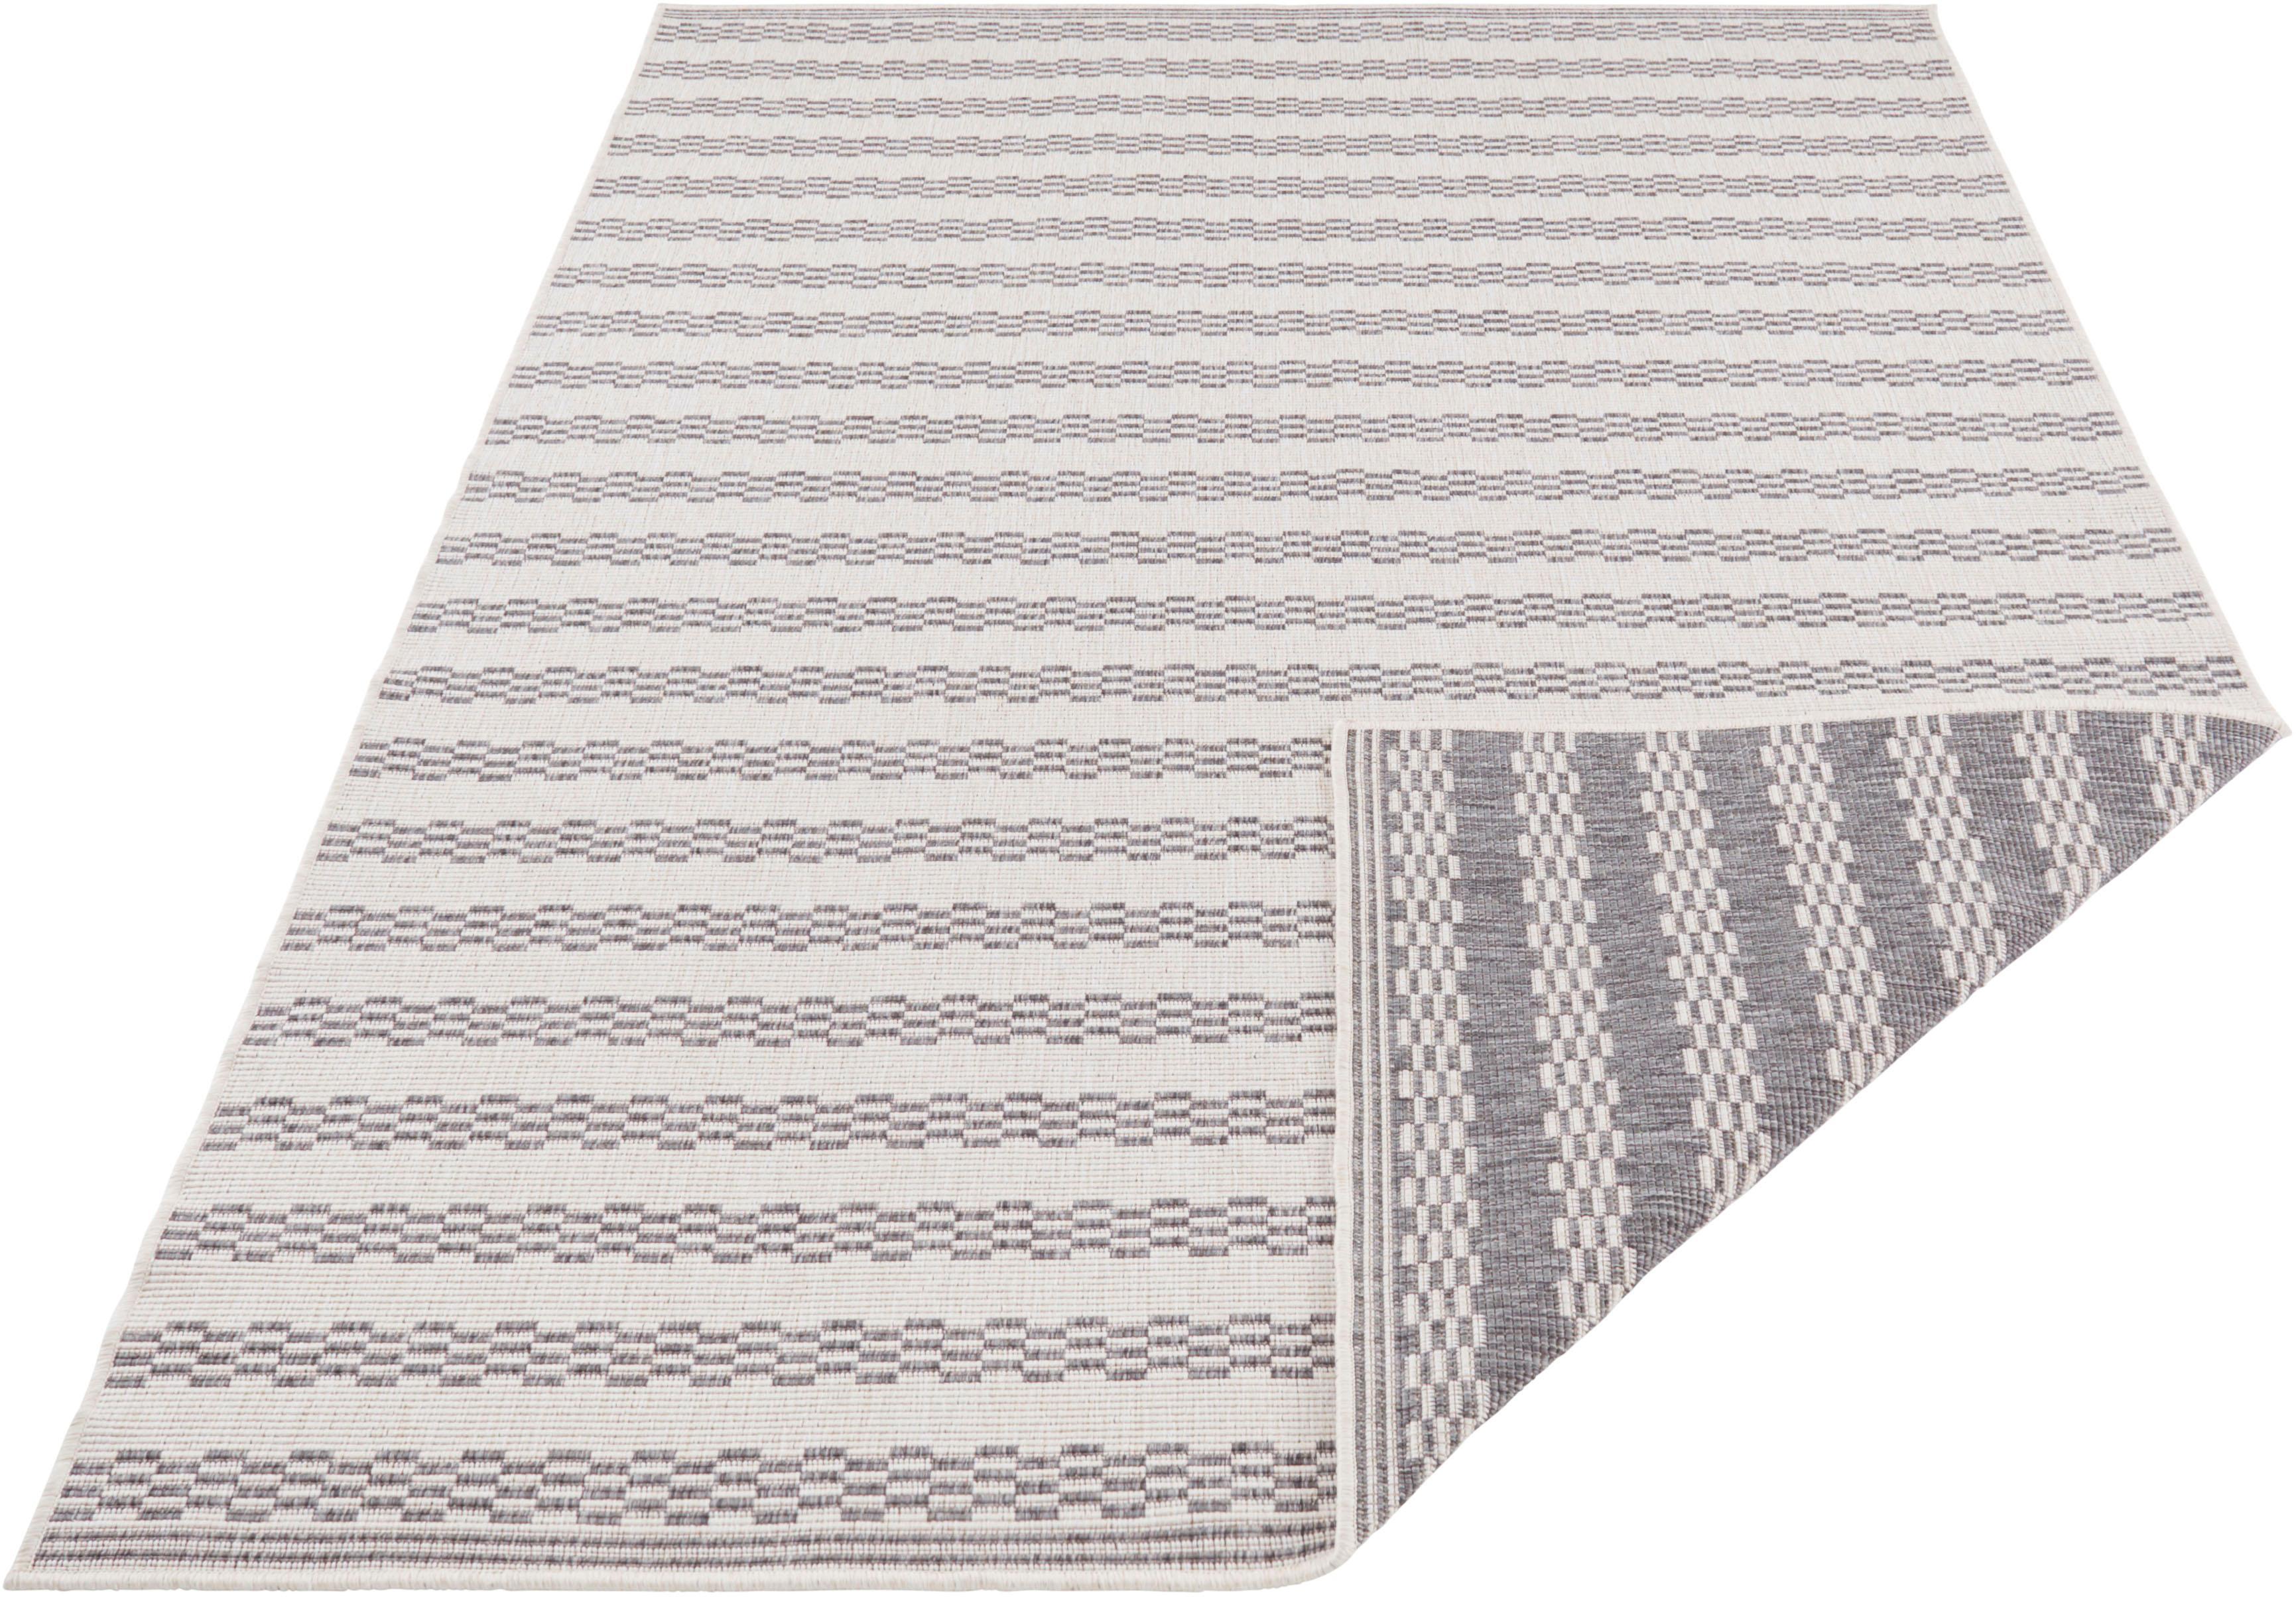 Teppich Oak freundin Home Collection rechteckig Höhe 5 mm maschinell gewebt